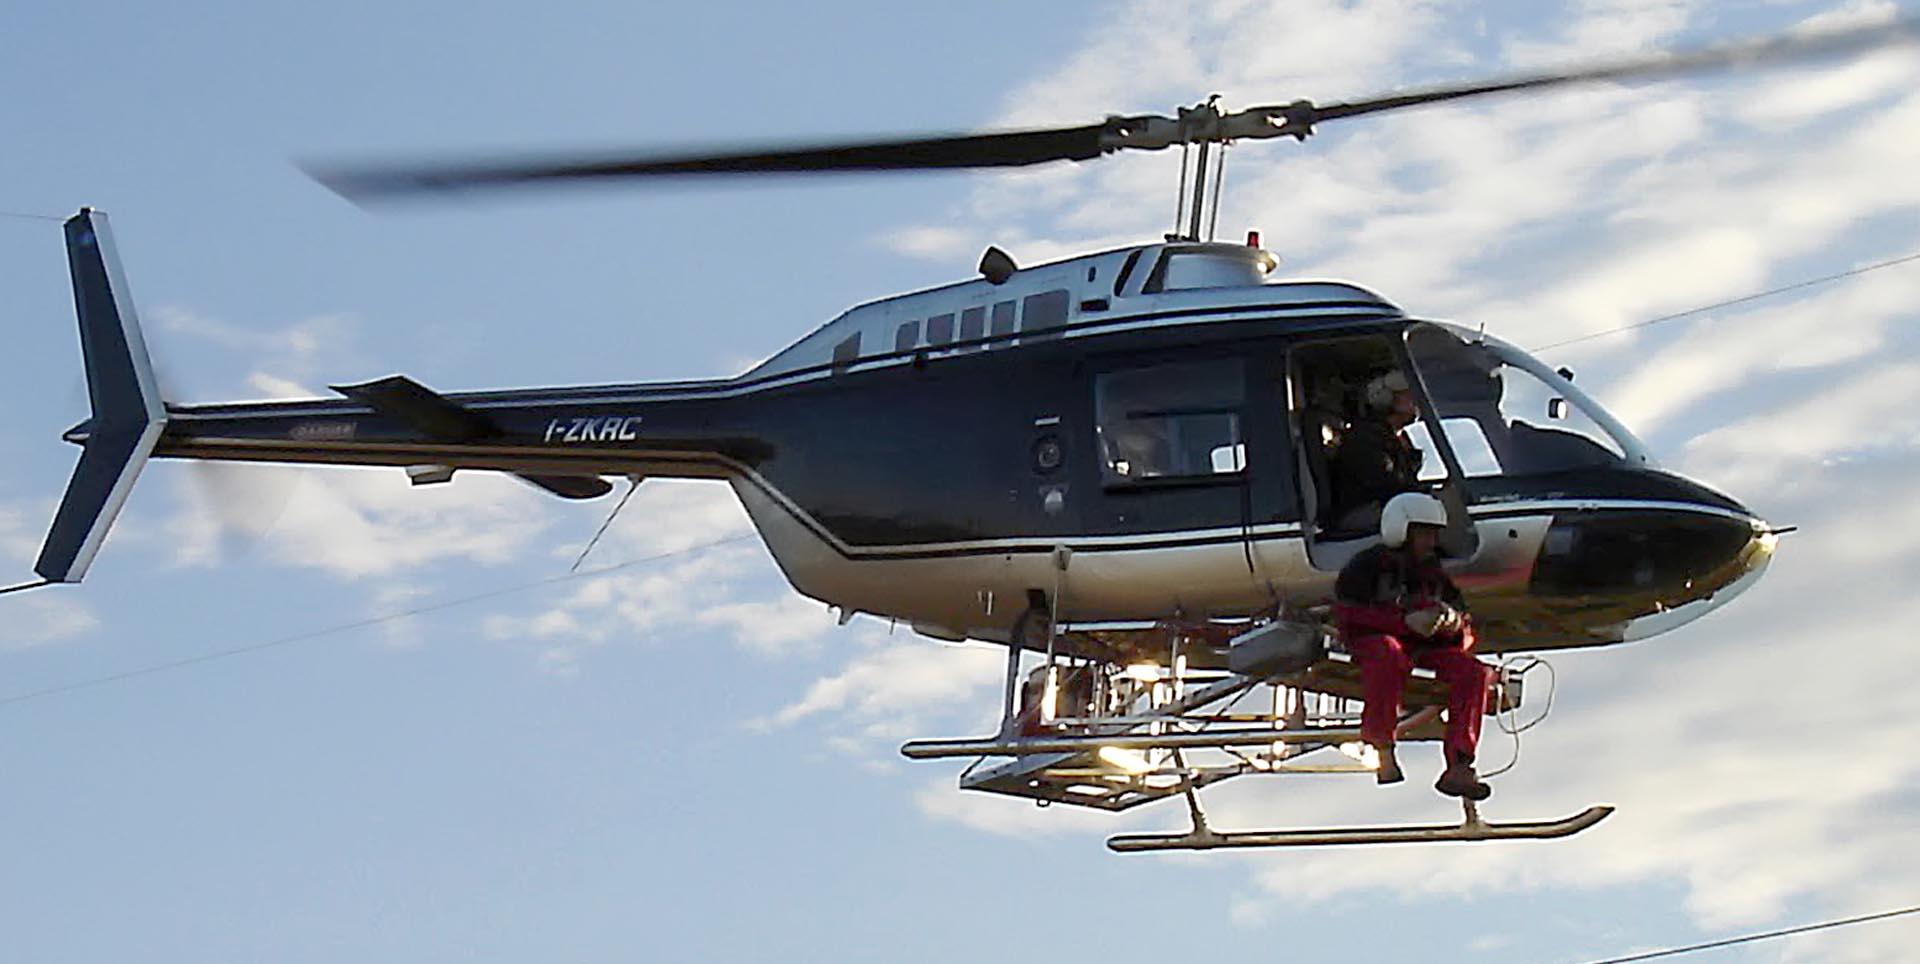 Elicottero 350 : Eliabruzzo la flotta